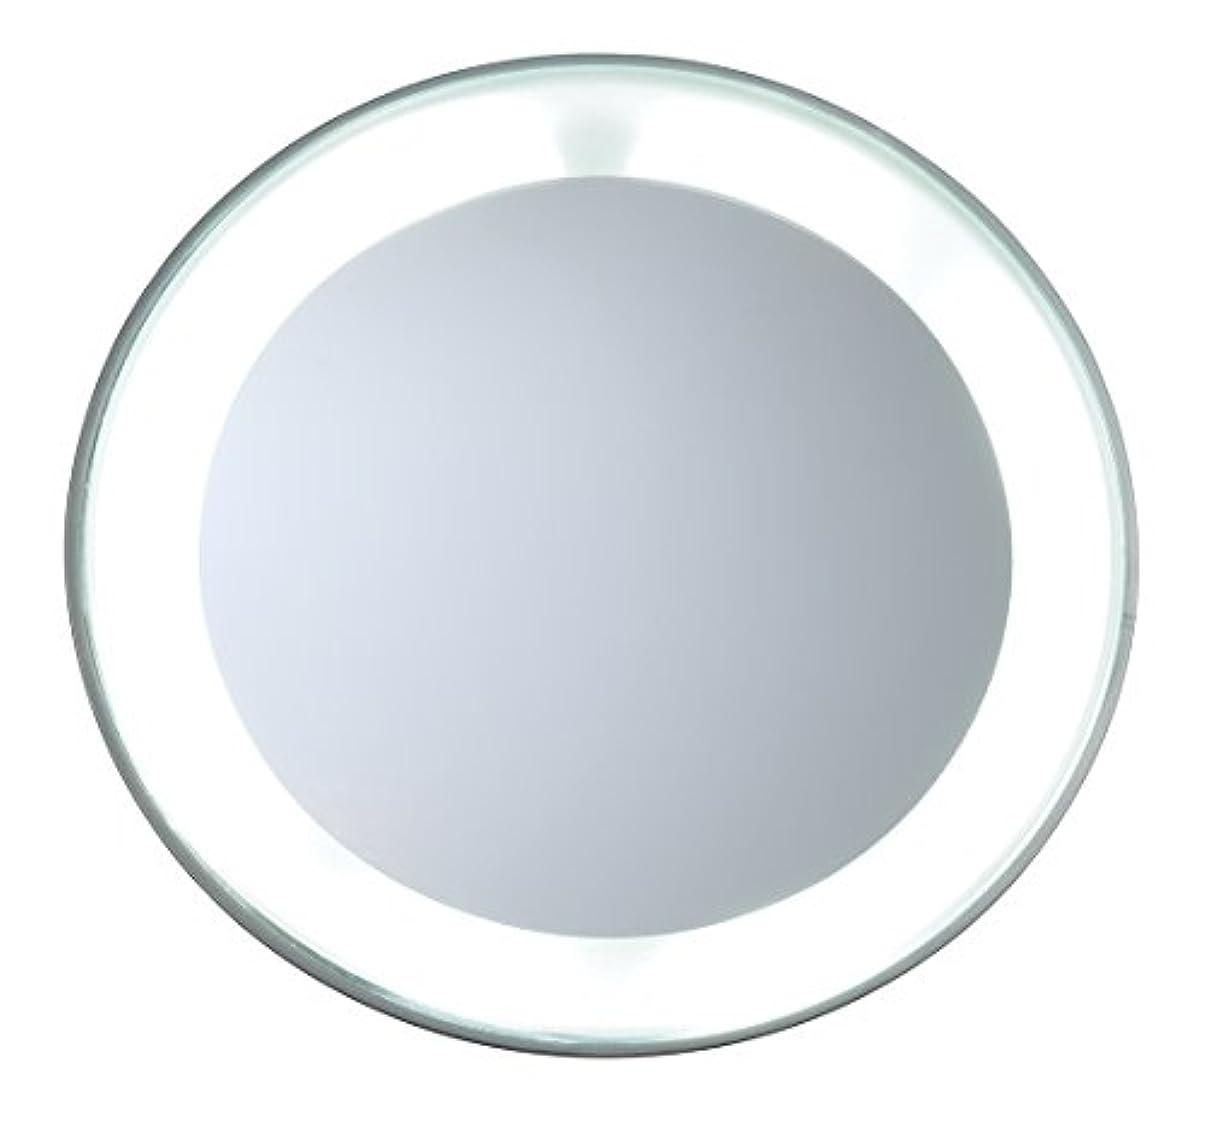 マーカーを除くトマトツィーザーマン マグニファイングミラーLEDライト付き (15倍拡大鏡/スタジオ コレクション)